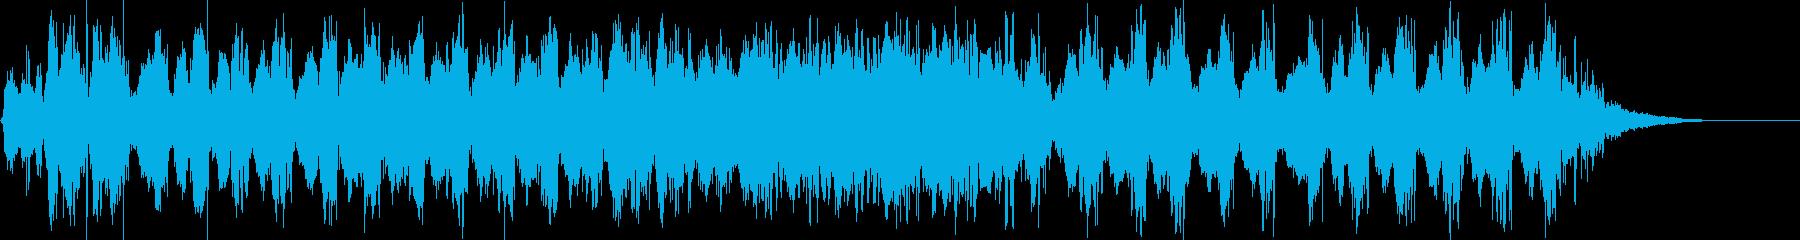 ダッジラムピックアップトラックV-...の再生済みの波形